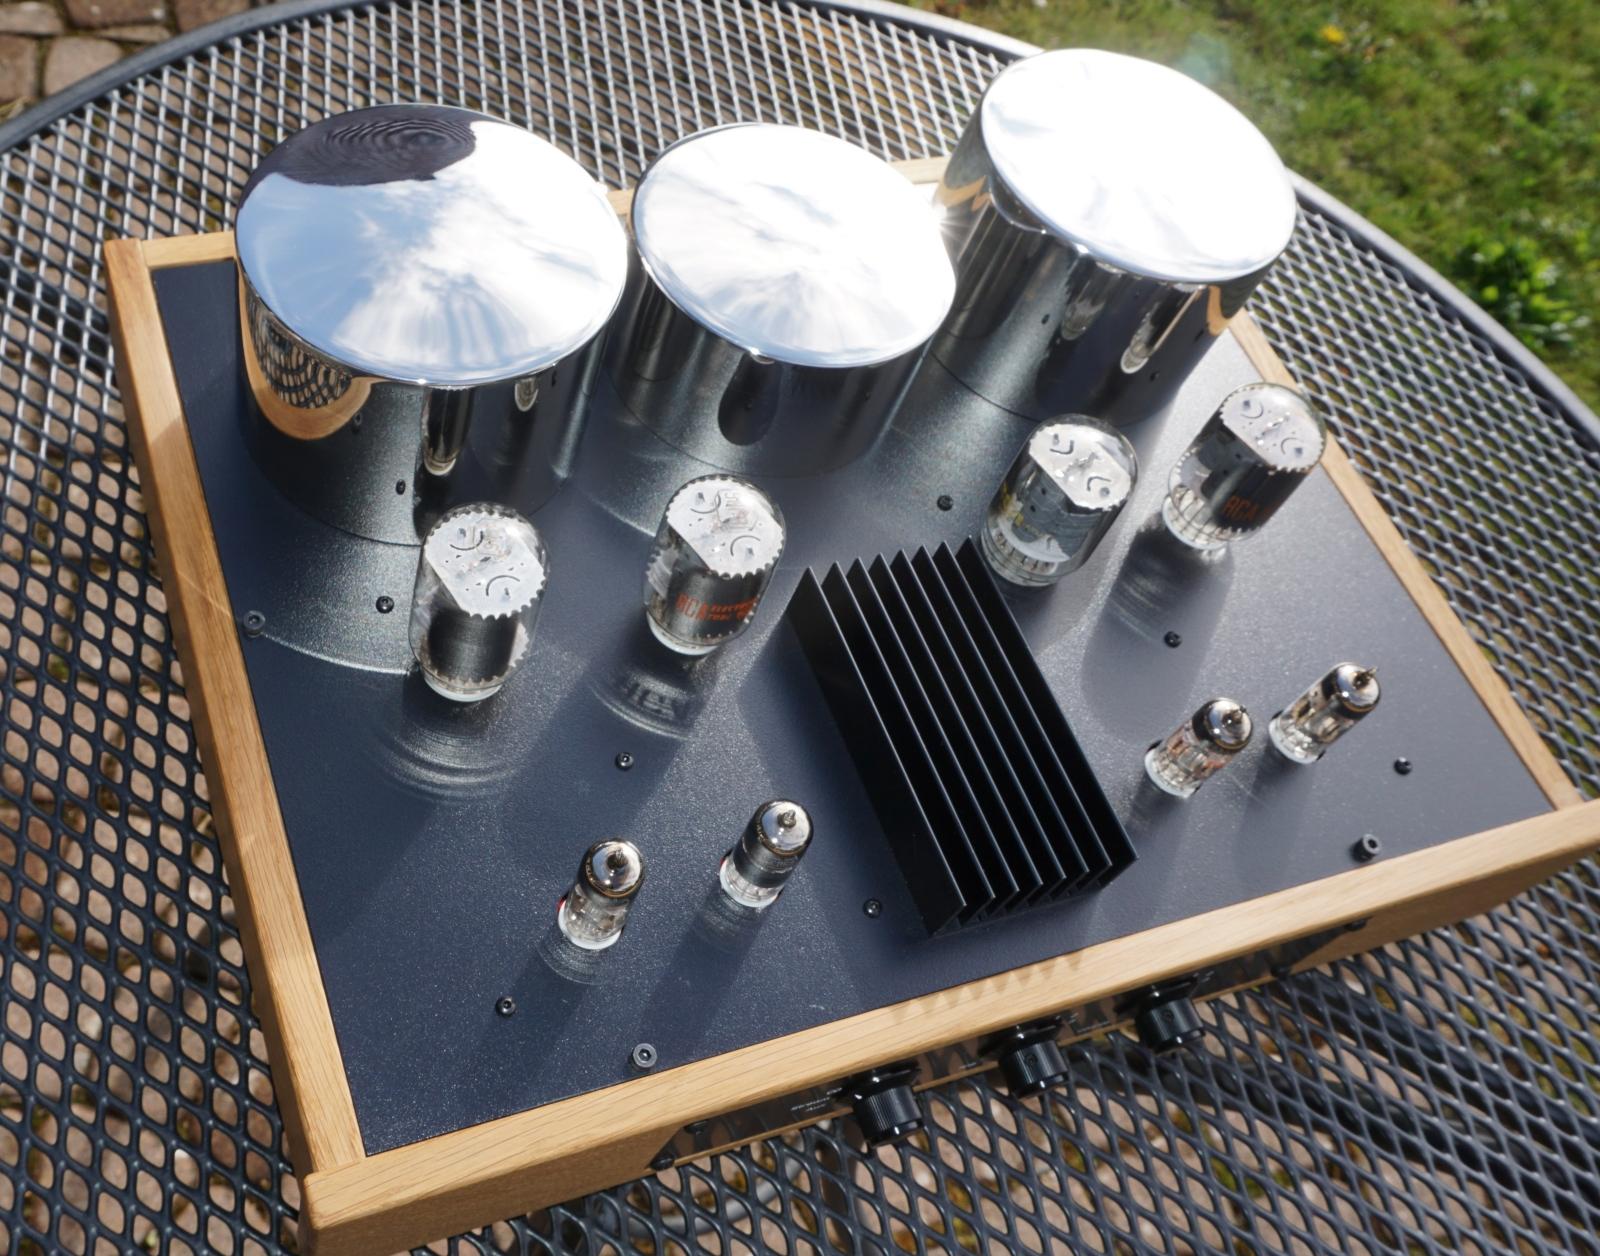 amplifier top view